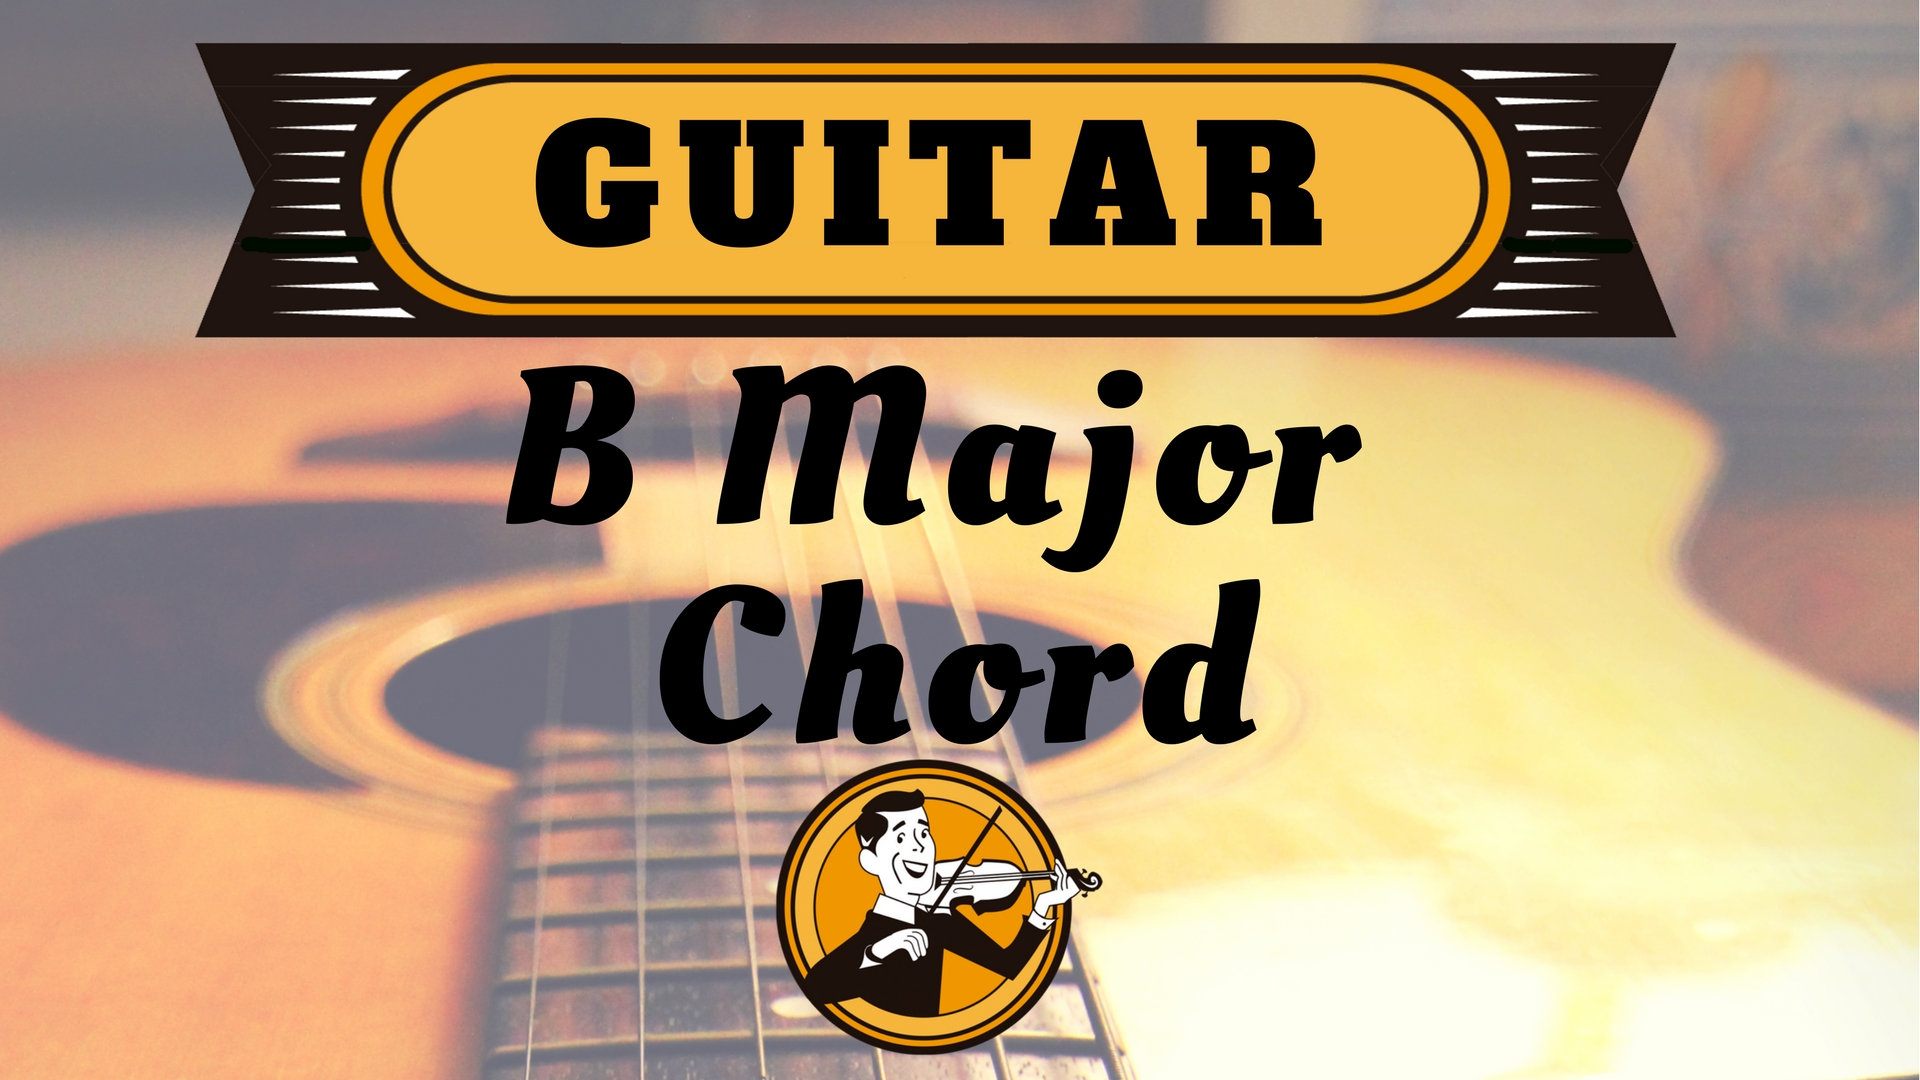 Guitar B Major Chord